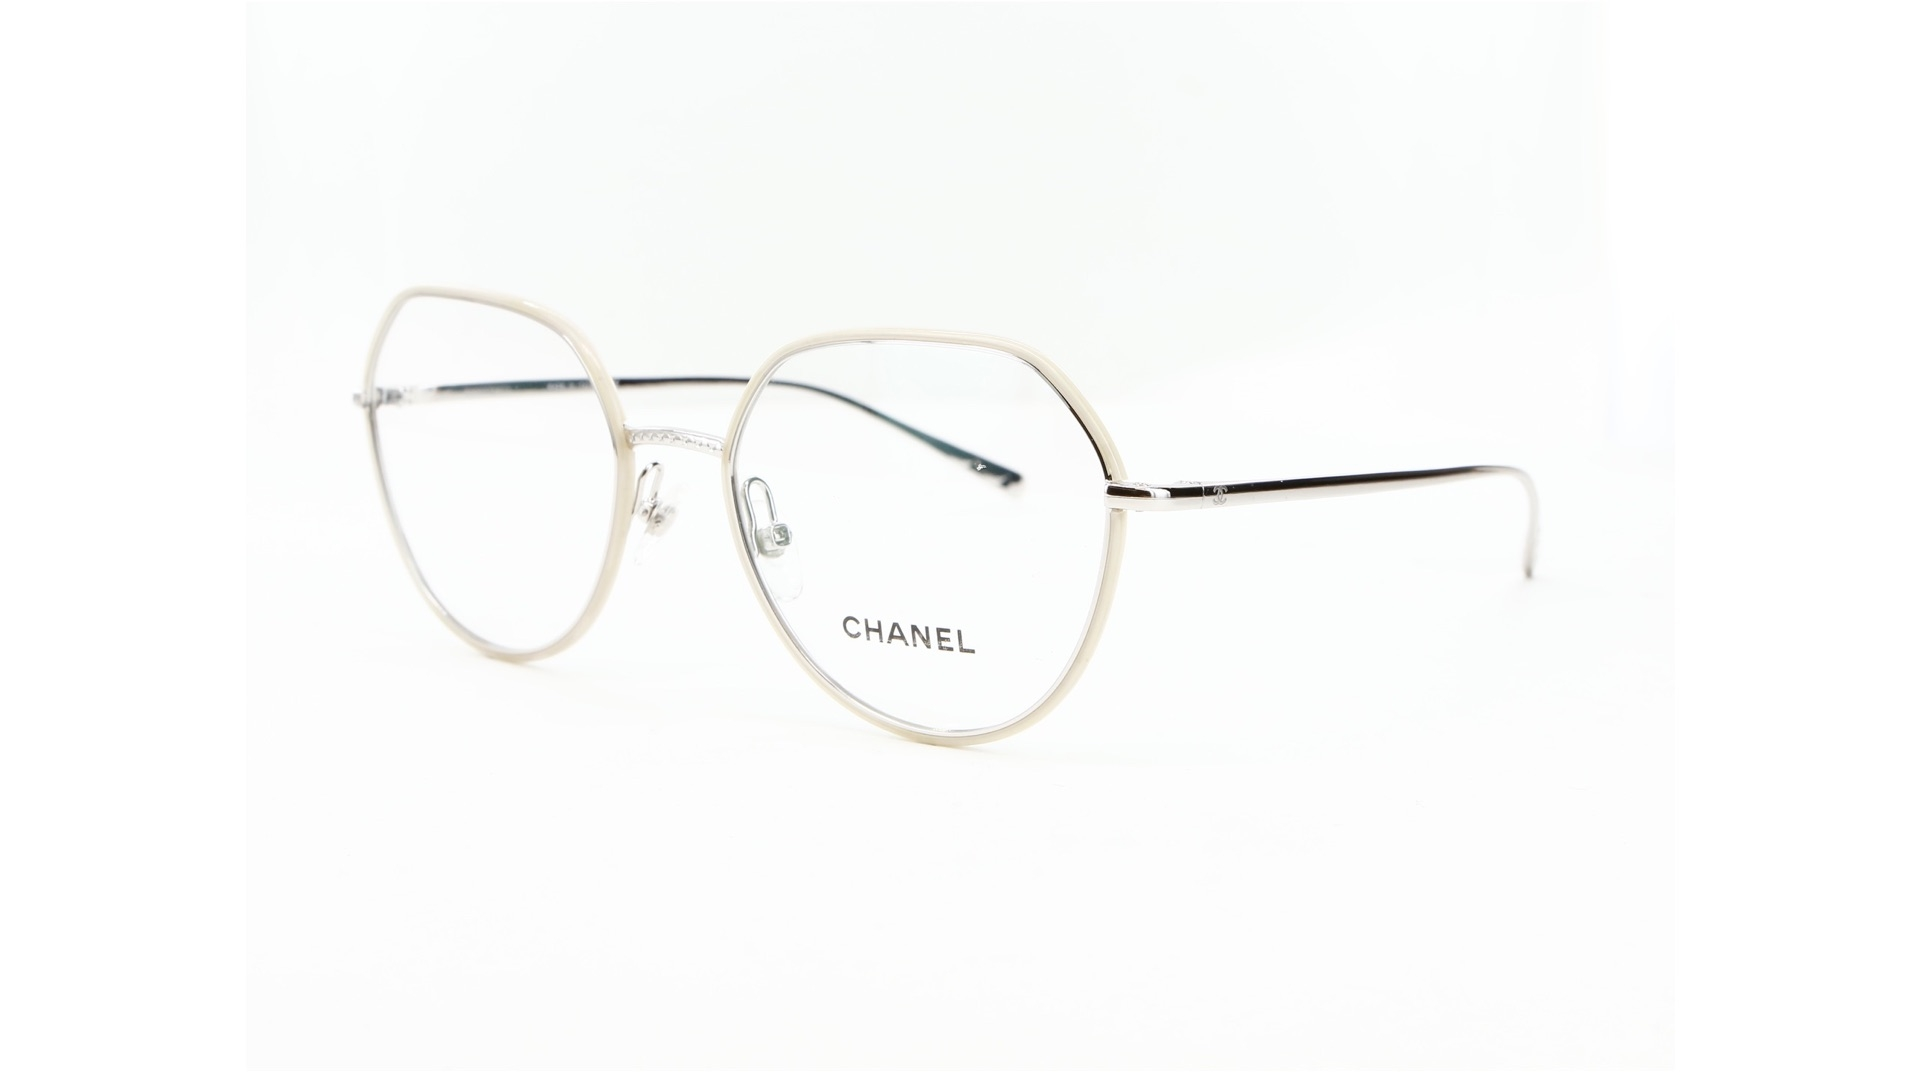 Chanel - ref: 81795